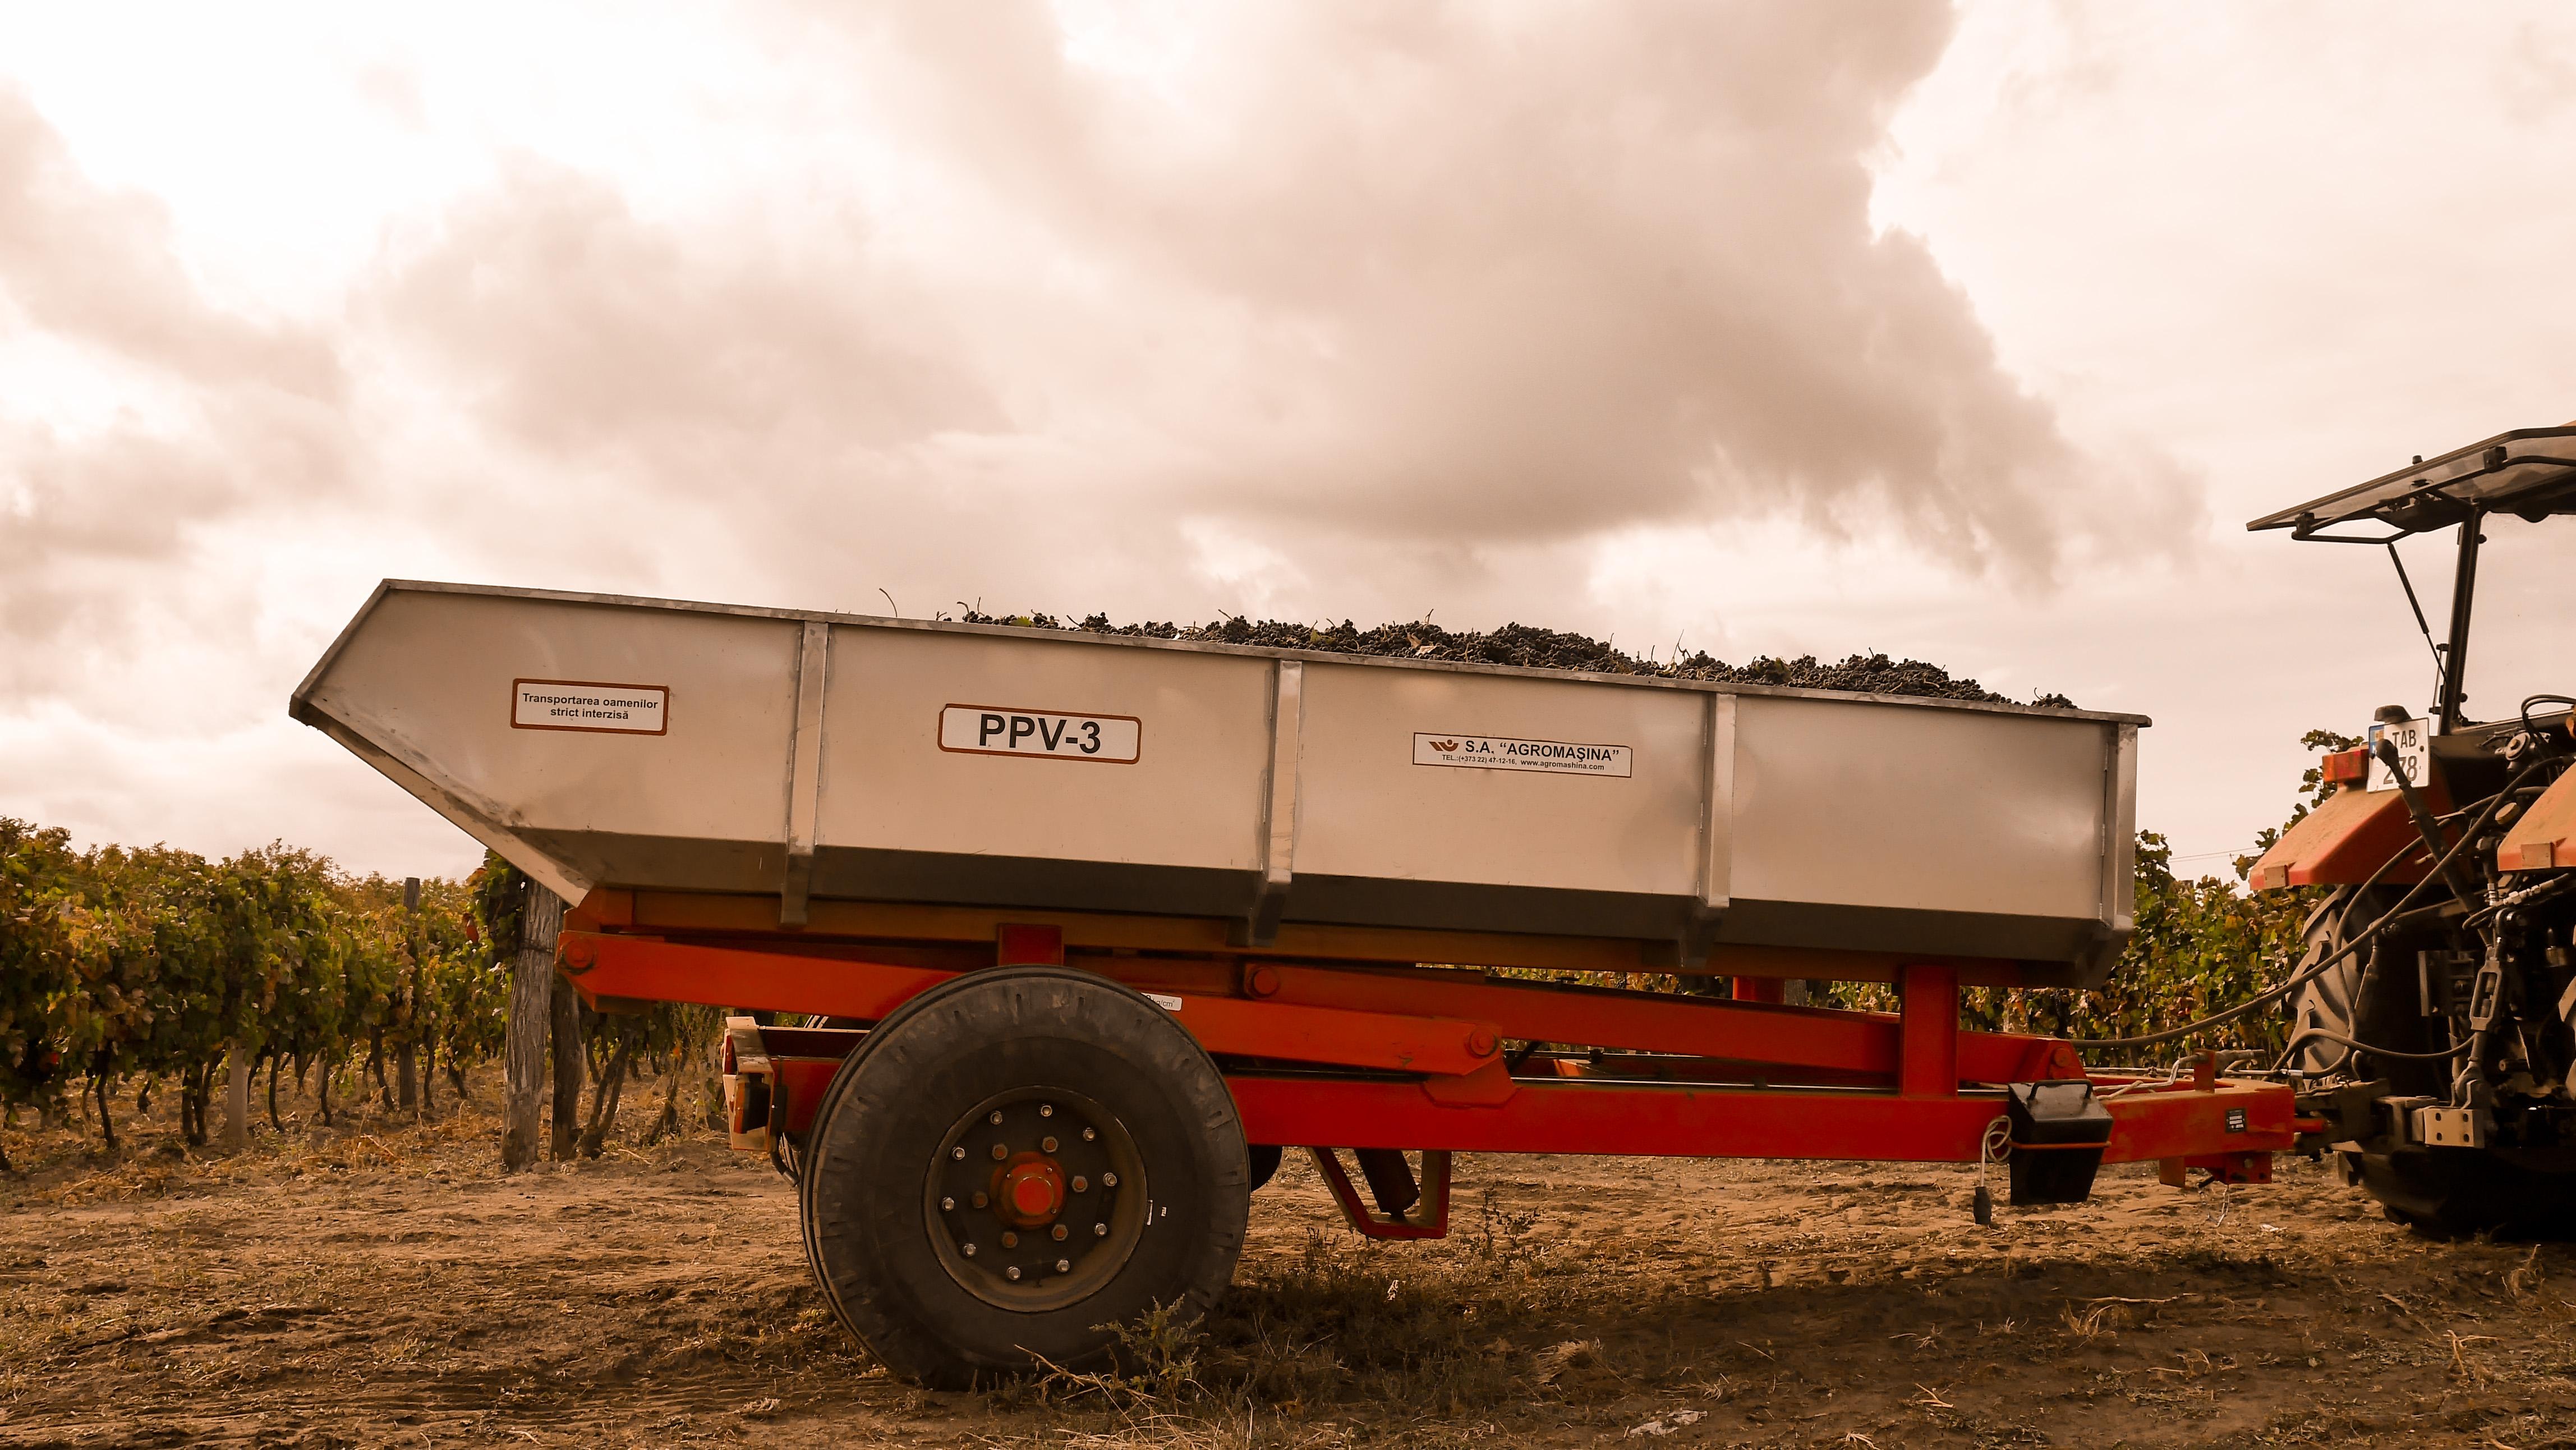 Semiremorca pentru transportarea strugurilor  PPV-3 (3t) - Image 3